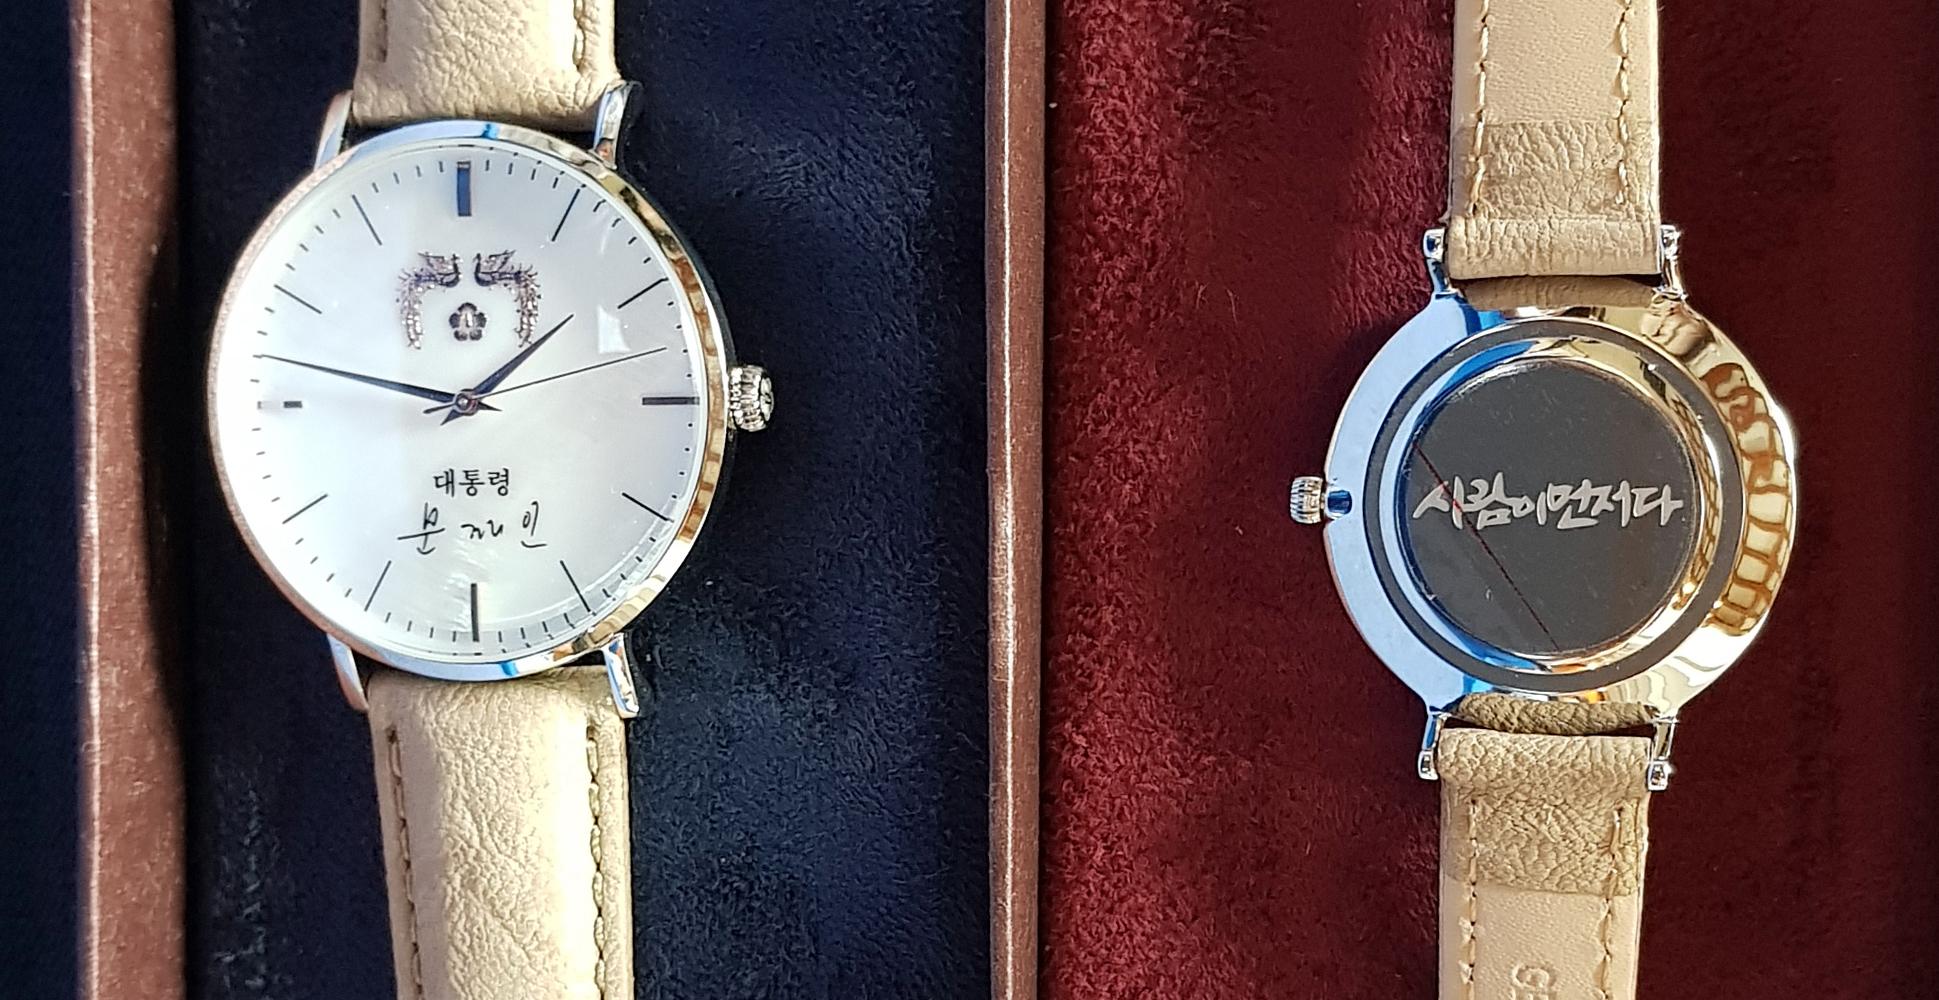 문재인 대통령의 이름이 새겨진 손목시계 뒷면에는 '사람이 먼저다'란 글귀가 쓰여 있다.[연합뉴스]